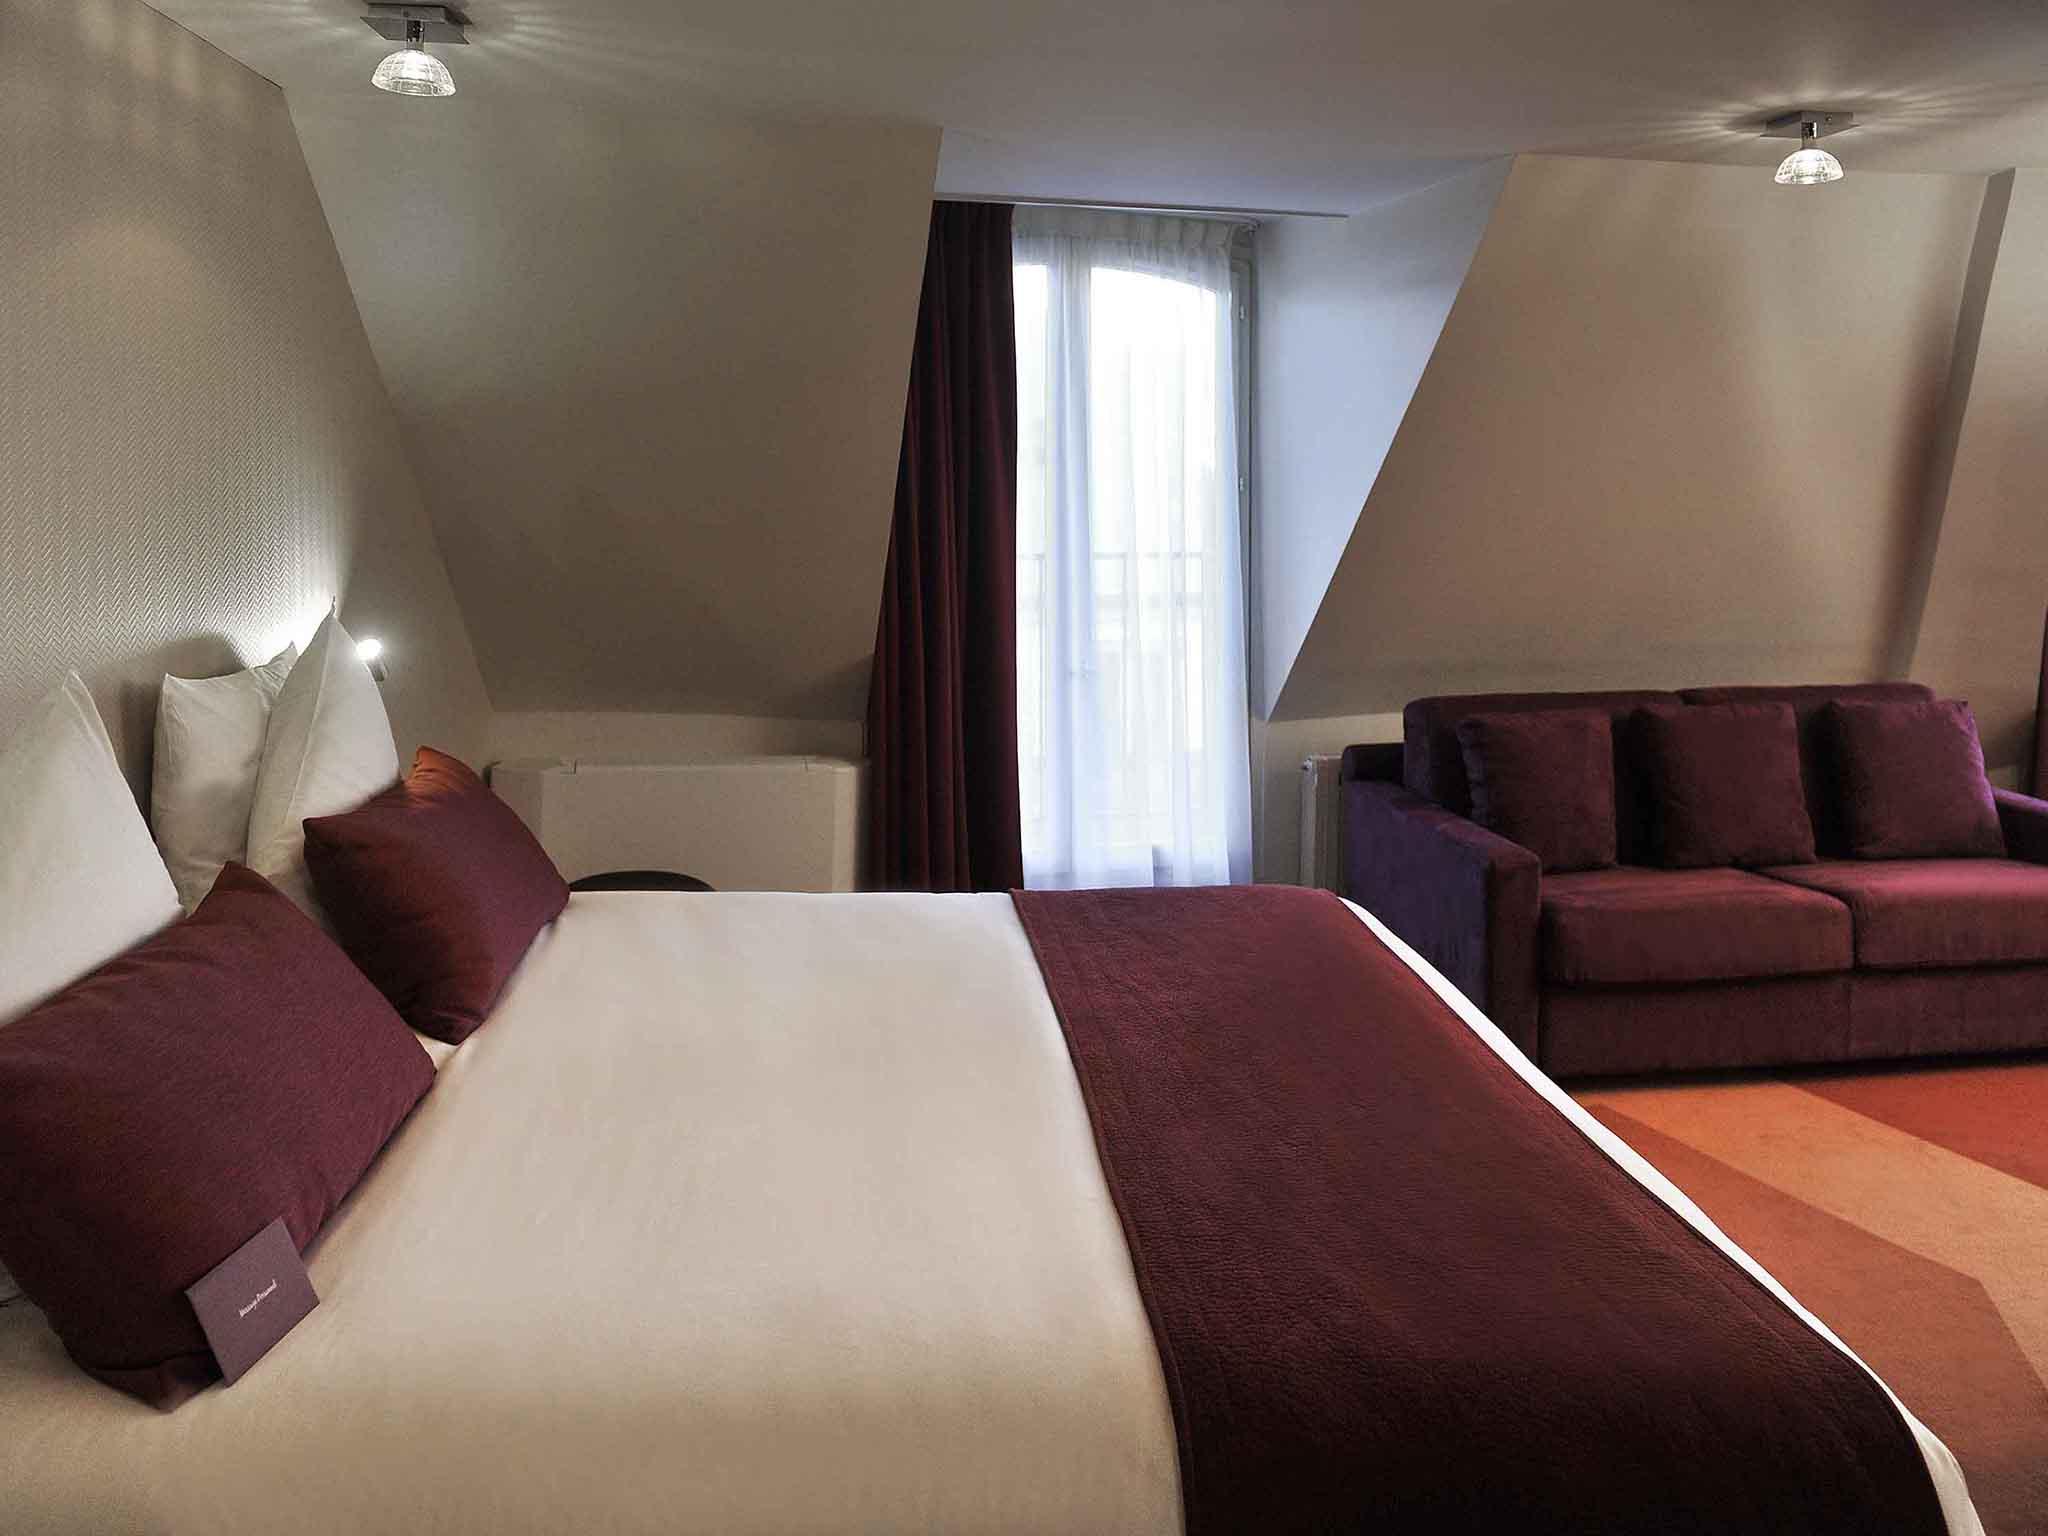 ホテル – メルキュール パリ オペラ ラファイエット